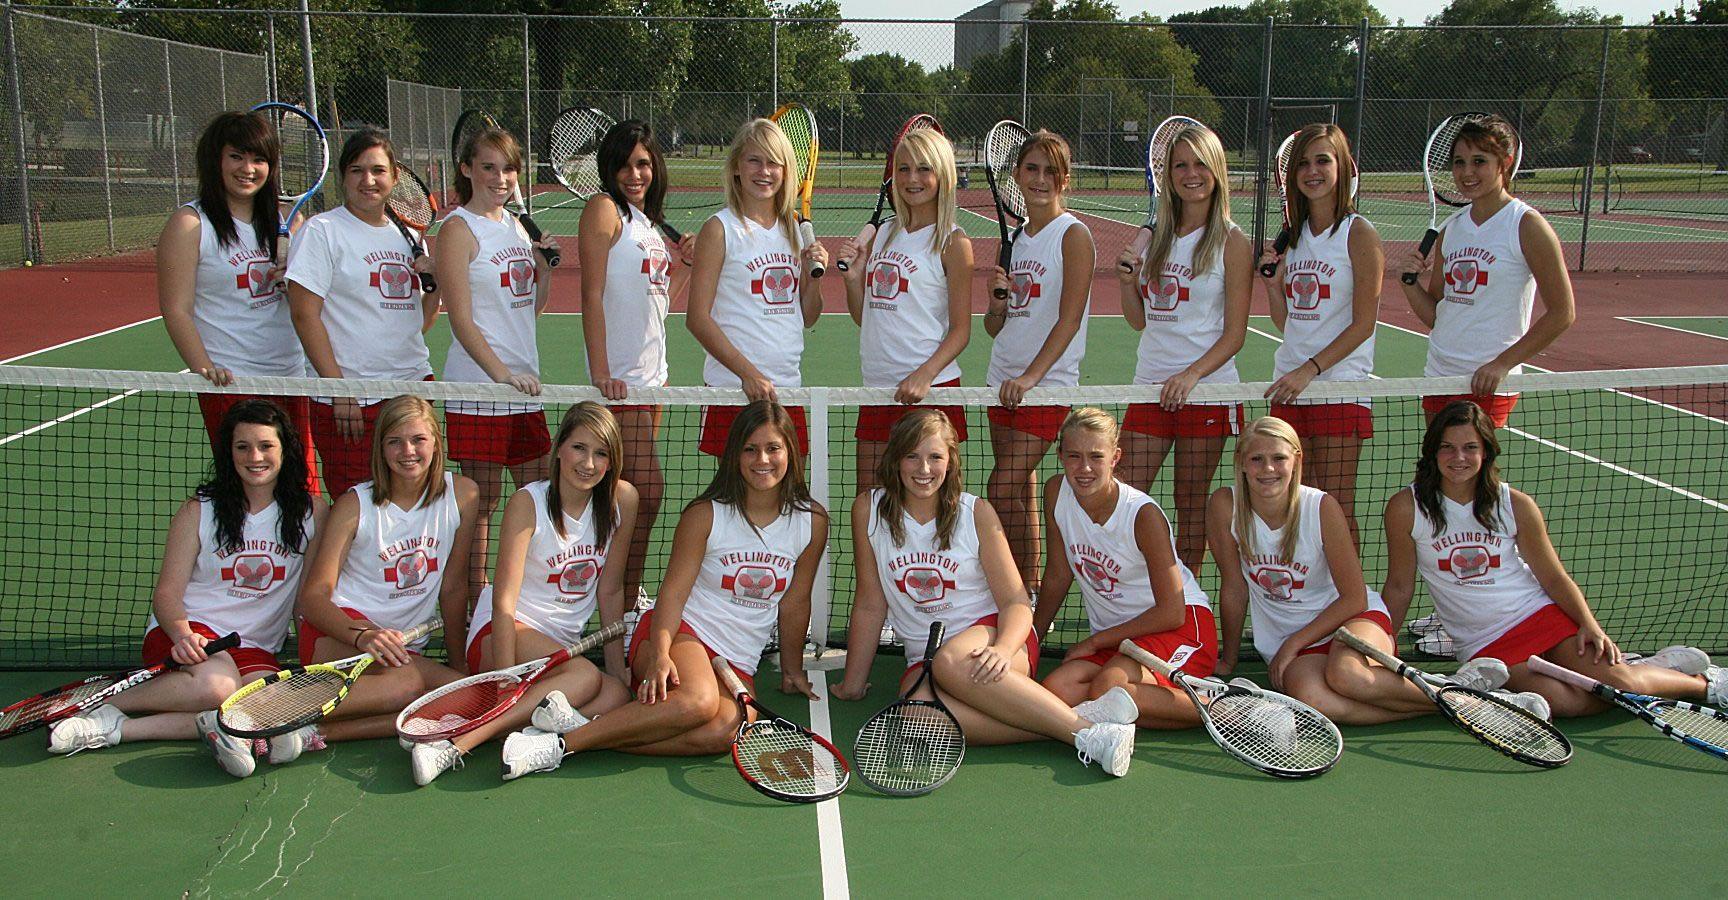 Tennis Team Photo Google Search Tennis Team Tennis Pictures Tennis Photos